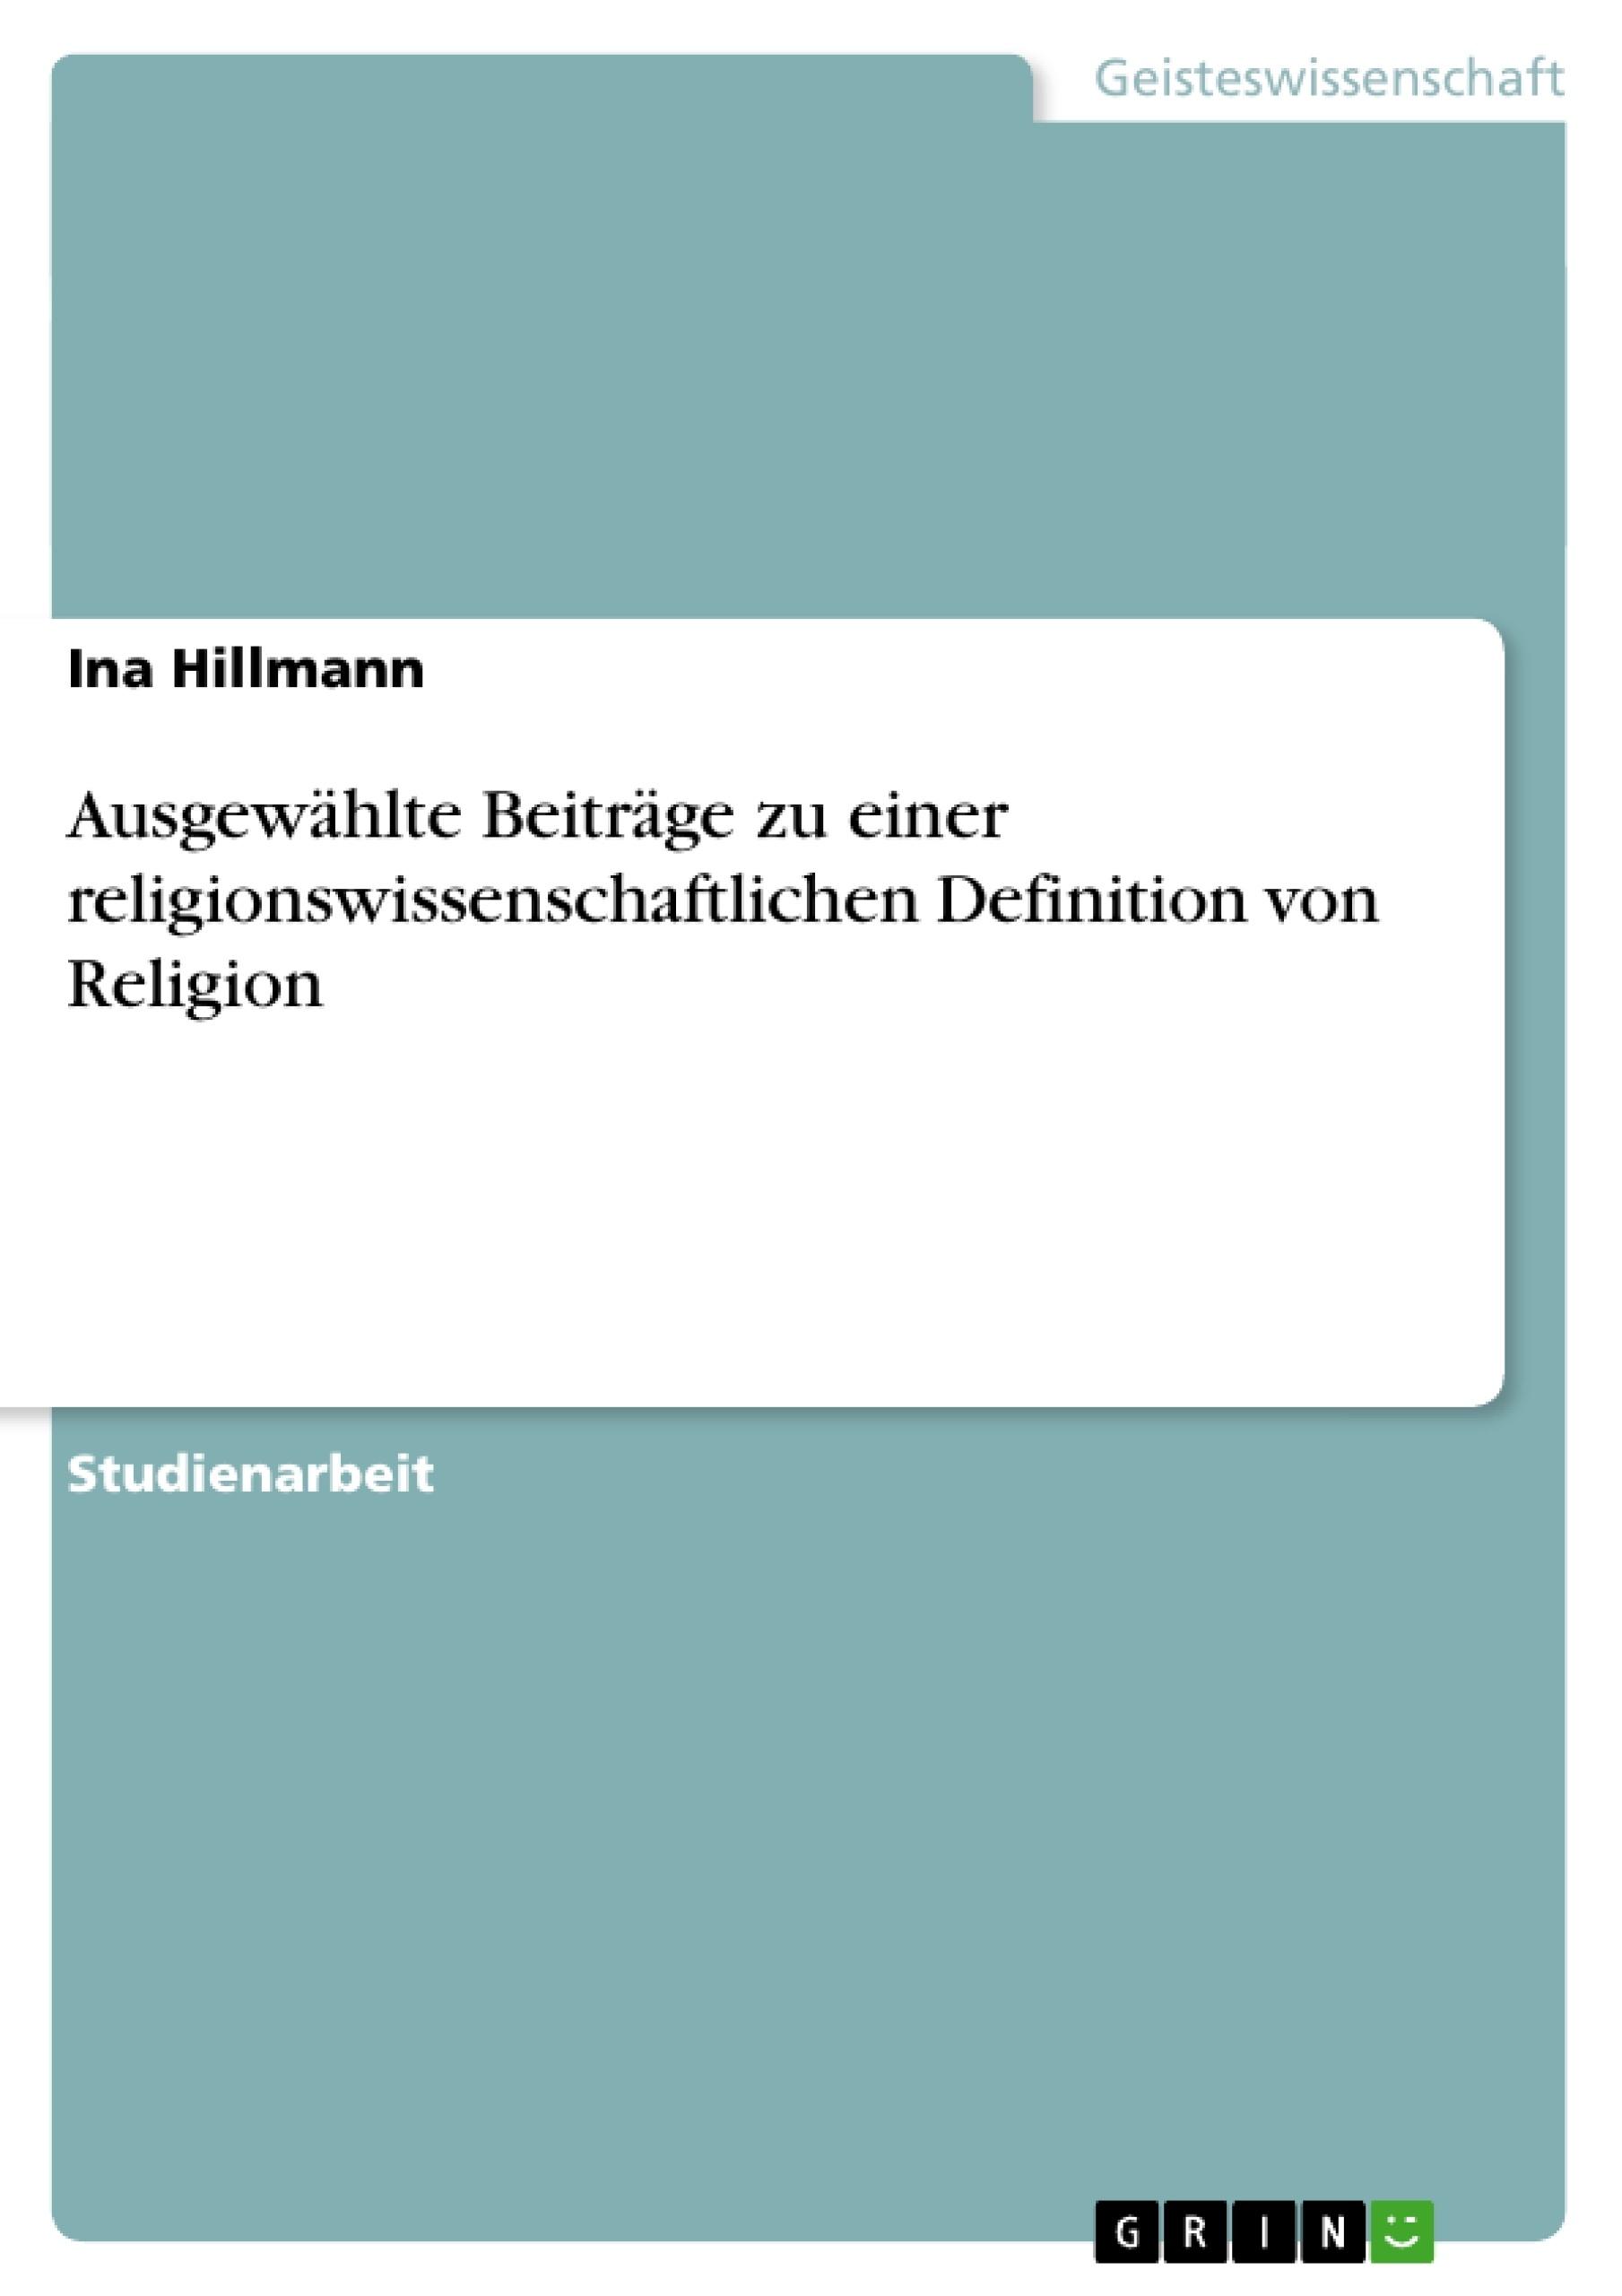 Titel: Ausgewählte Beiträge zu einer religionswissenschaftlichen Definition von Religion